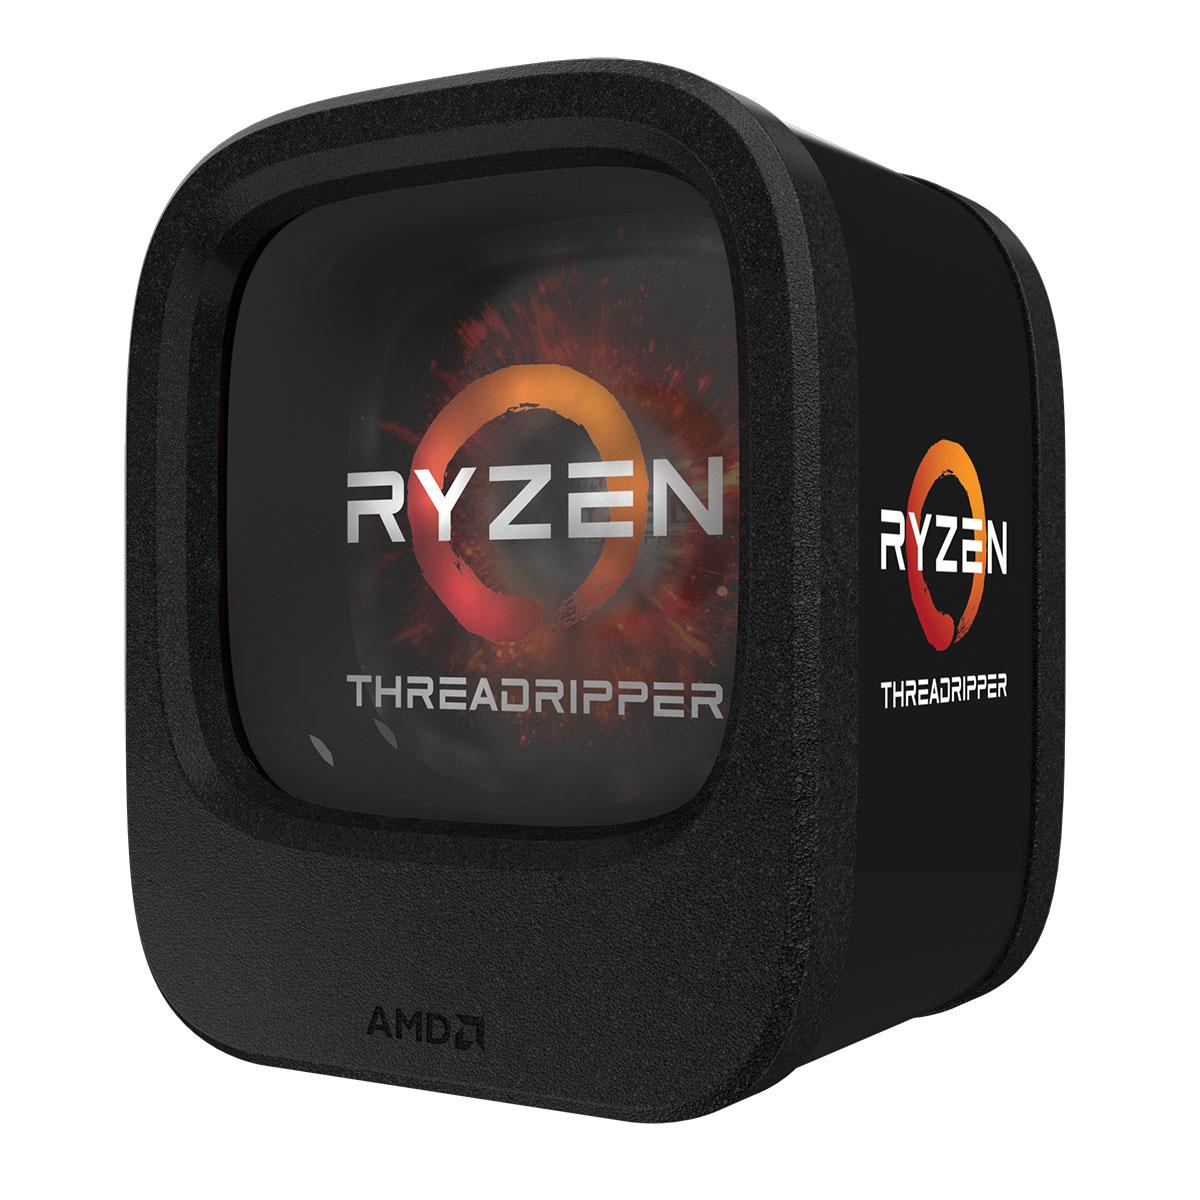 Processeur AMD Ryzen Threadripper 1900X (3.8 GHz) Processeur 8-Core Socket sTR4 Cache L3 20 Mo 0.014 micron TDP 180W (version boîte sans ventilateur - garantie constructeur 3 ans)